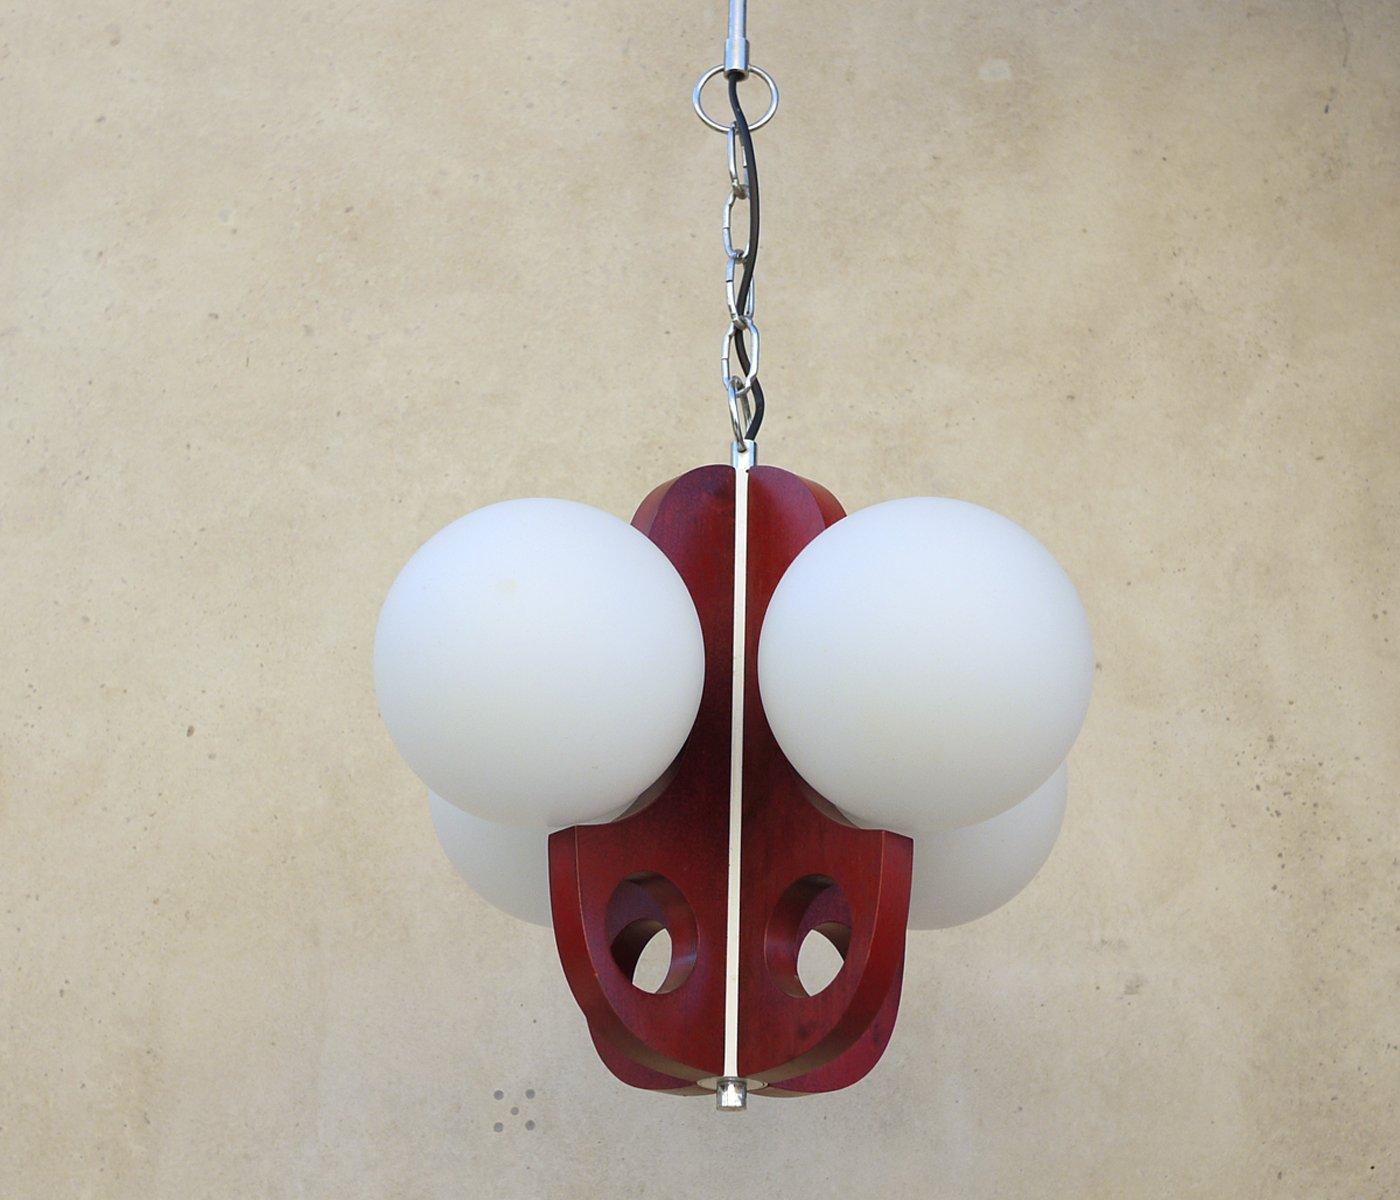 lustre vintage en bois et globes en verre 1977 en vente sur pamono. Black Bedroom Furniture Sets. Home Design Ideas